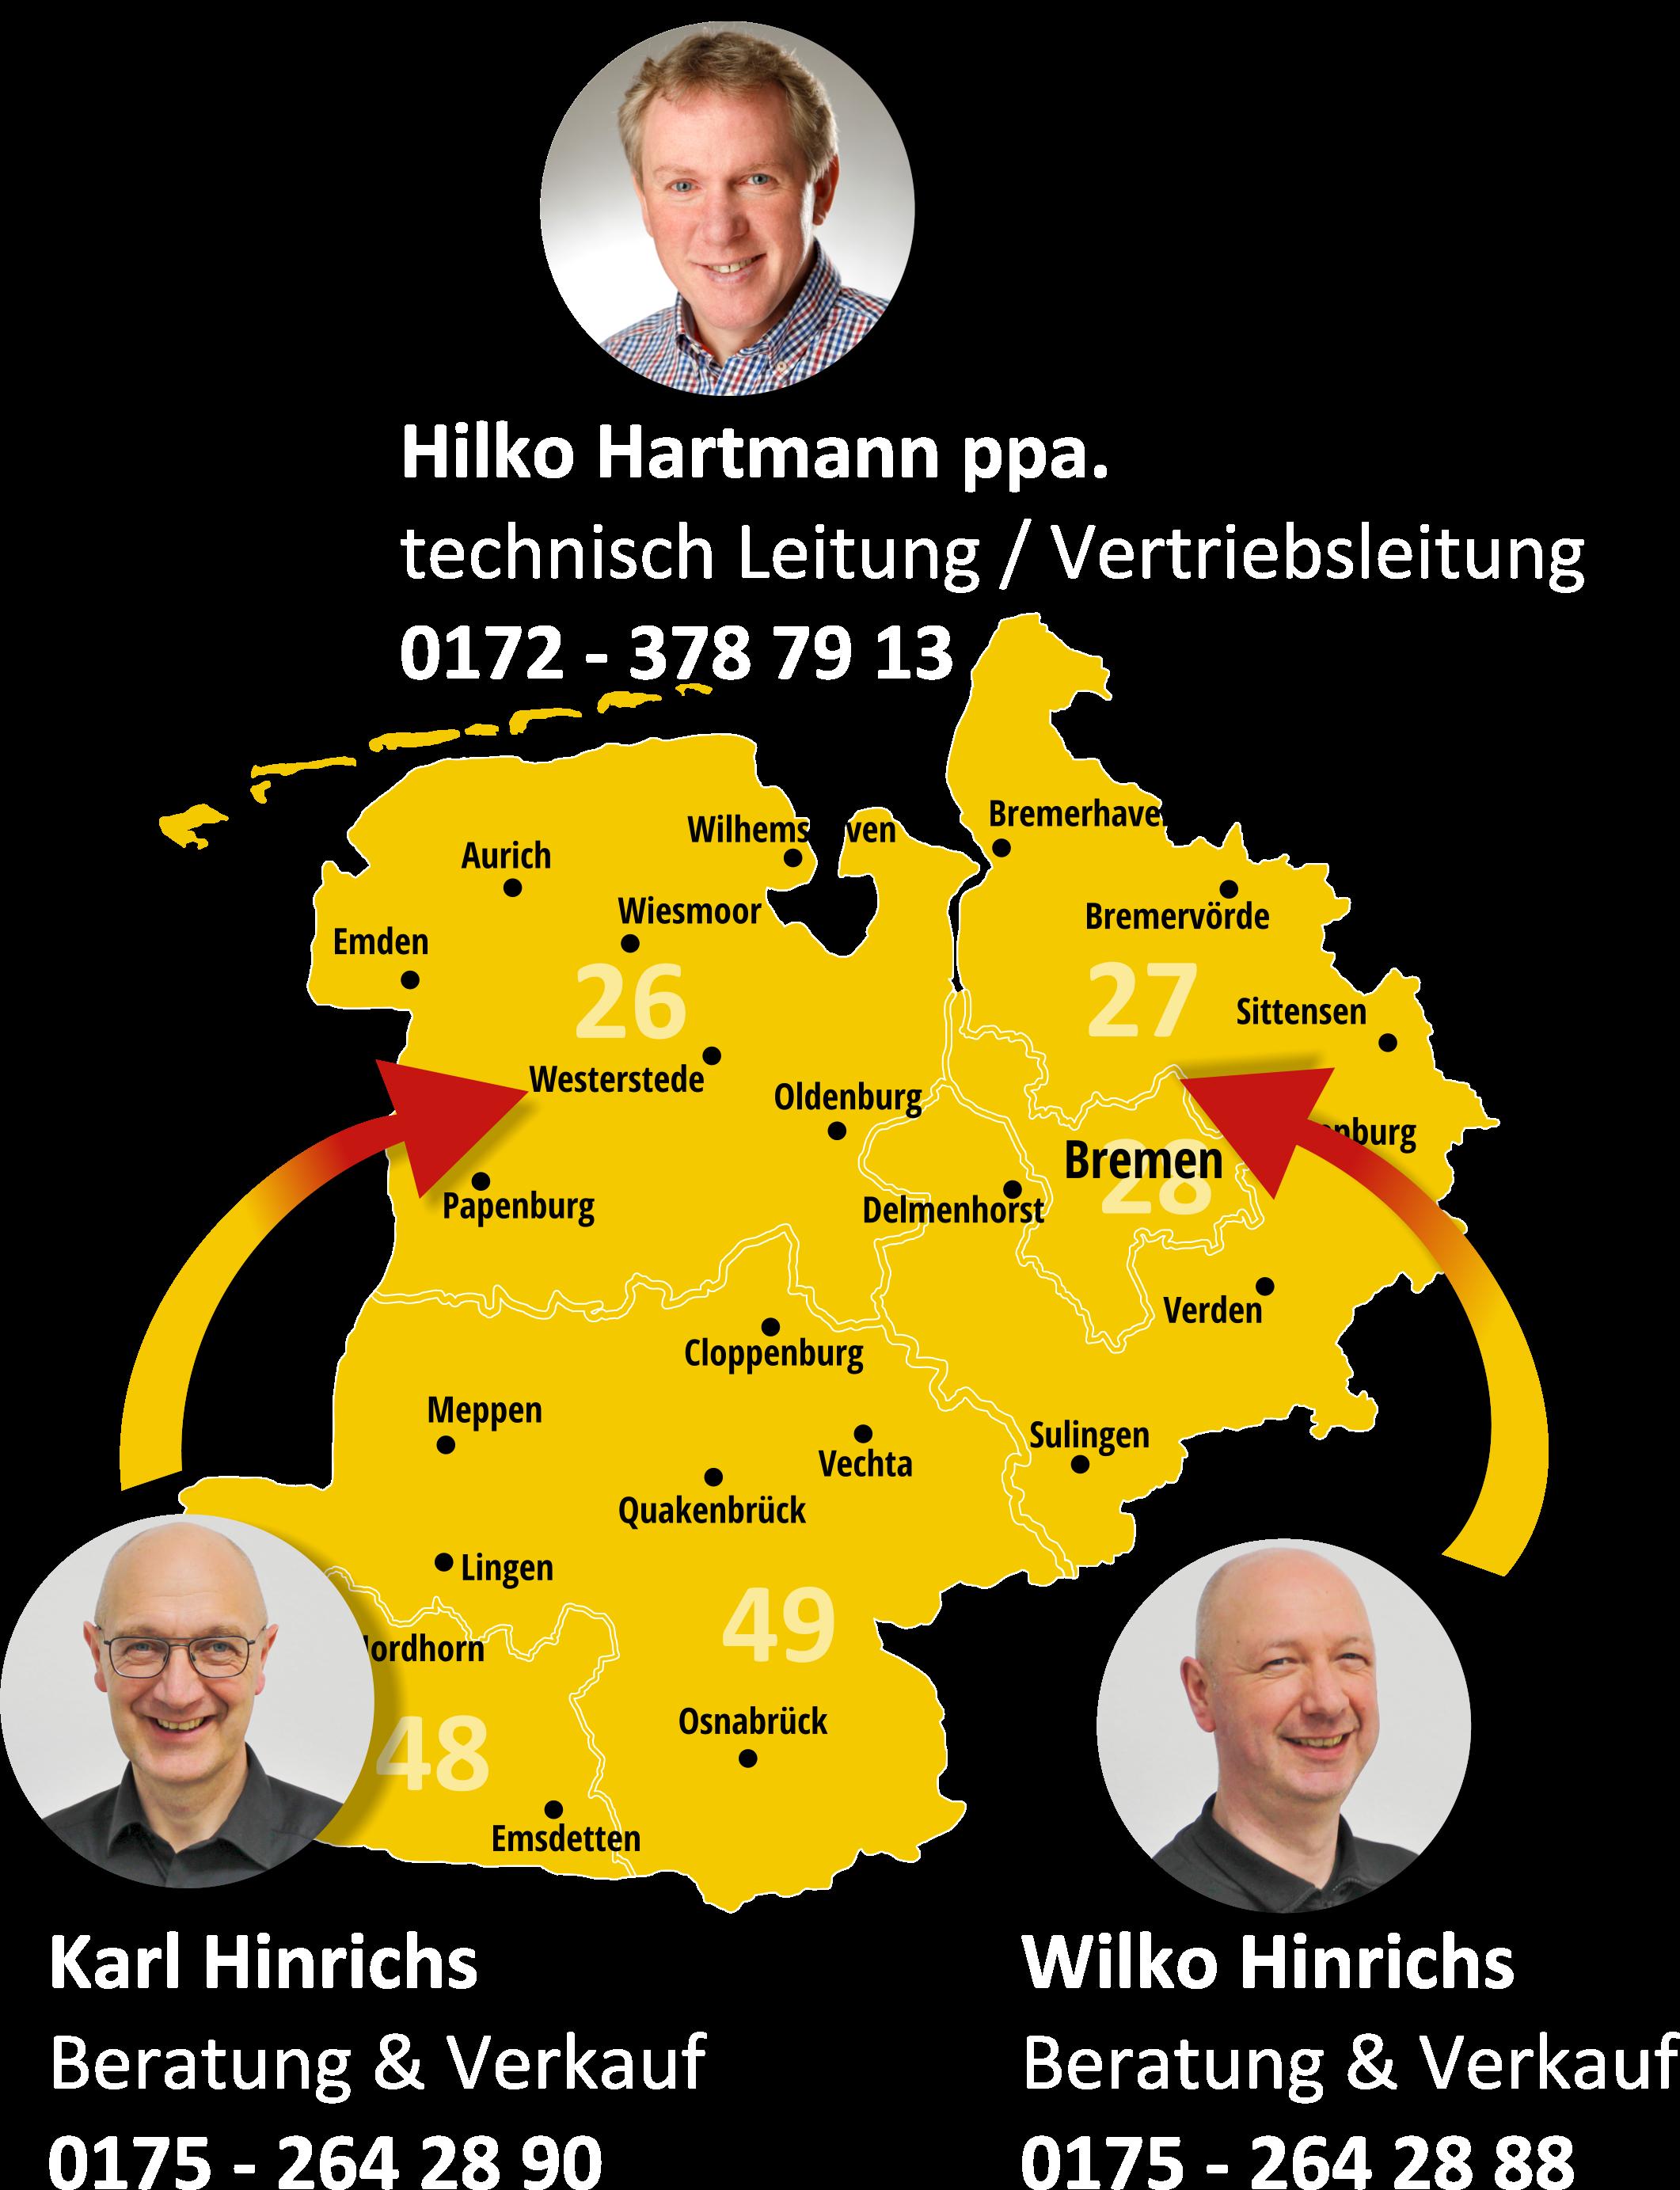 Ansprechpartner für Ihre Region - Karte von Ostfriesland, Ammerland, Rheiderland und Emsland